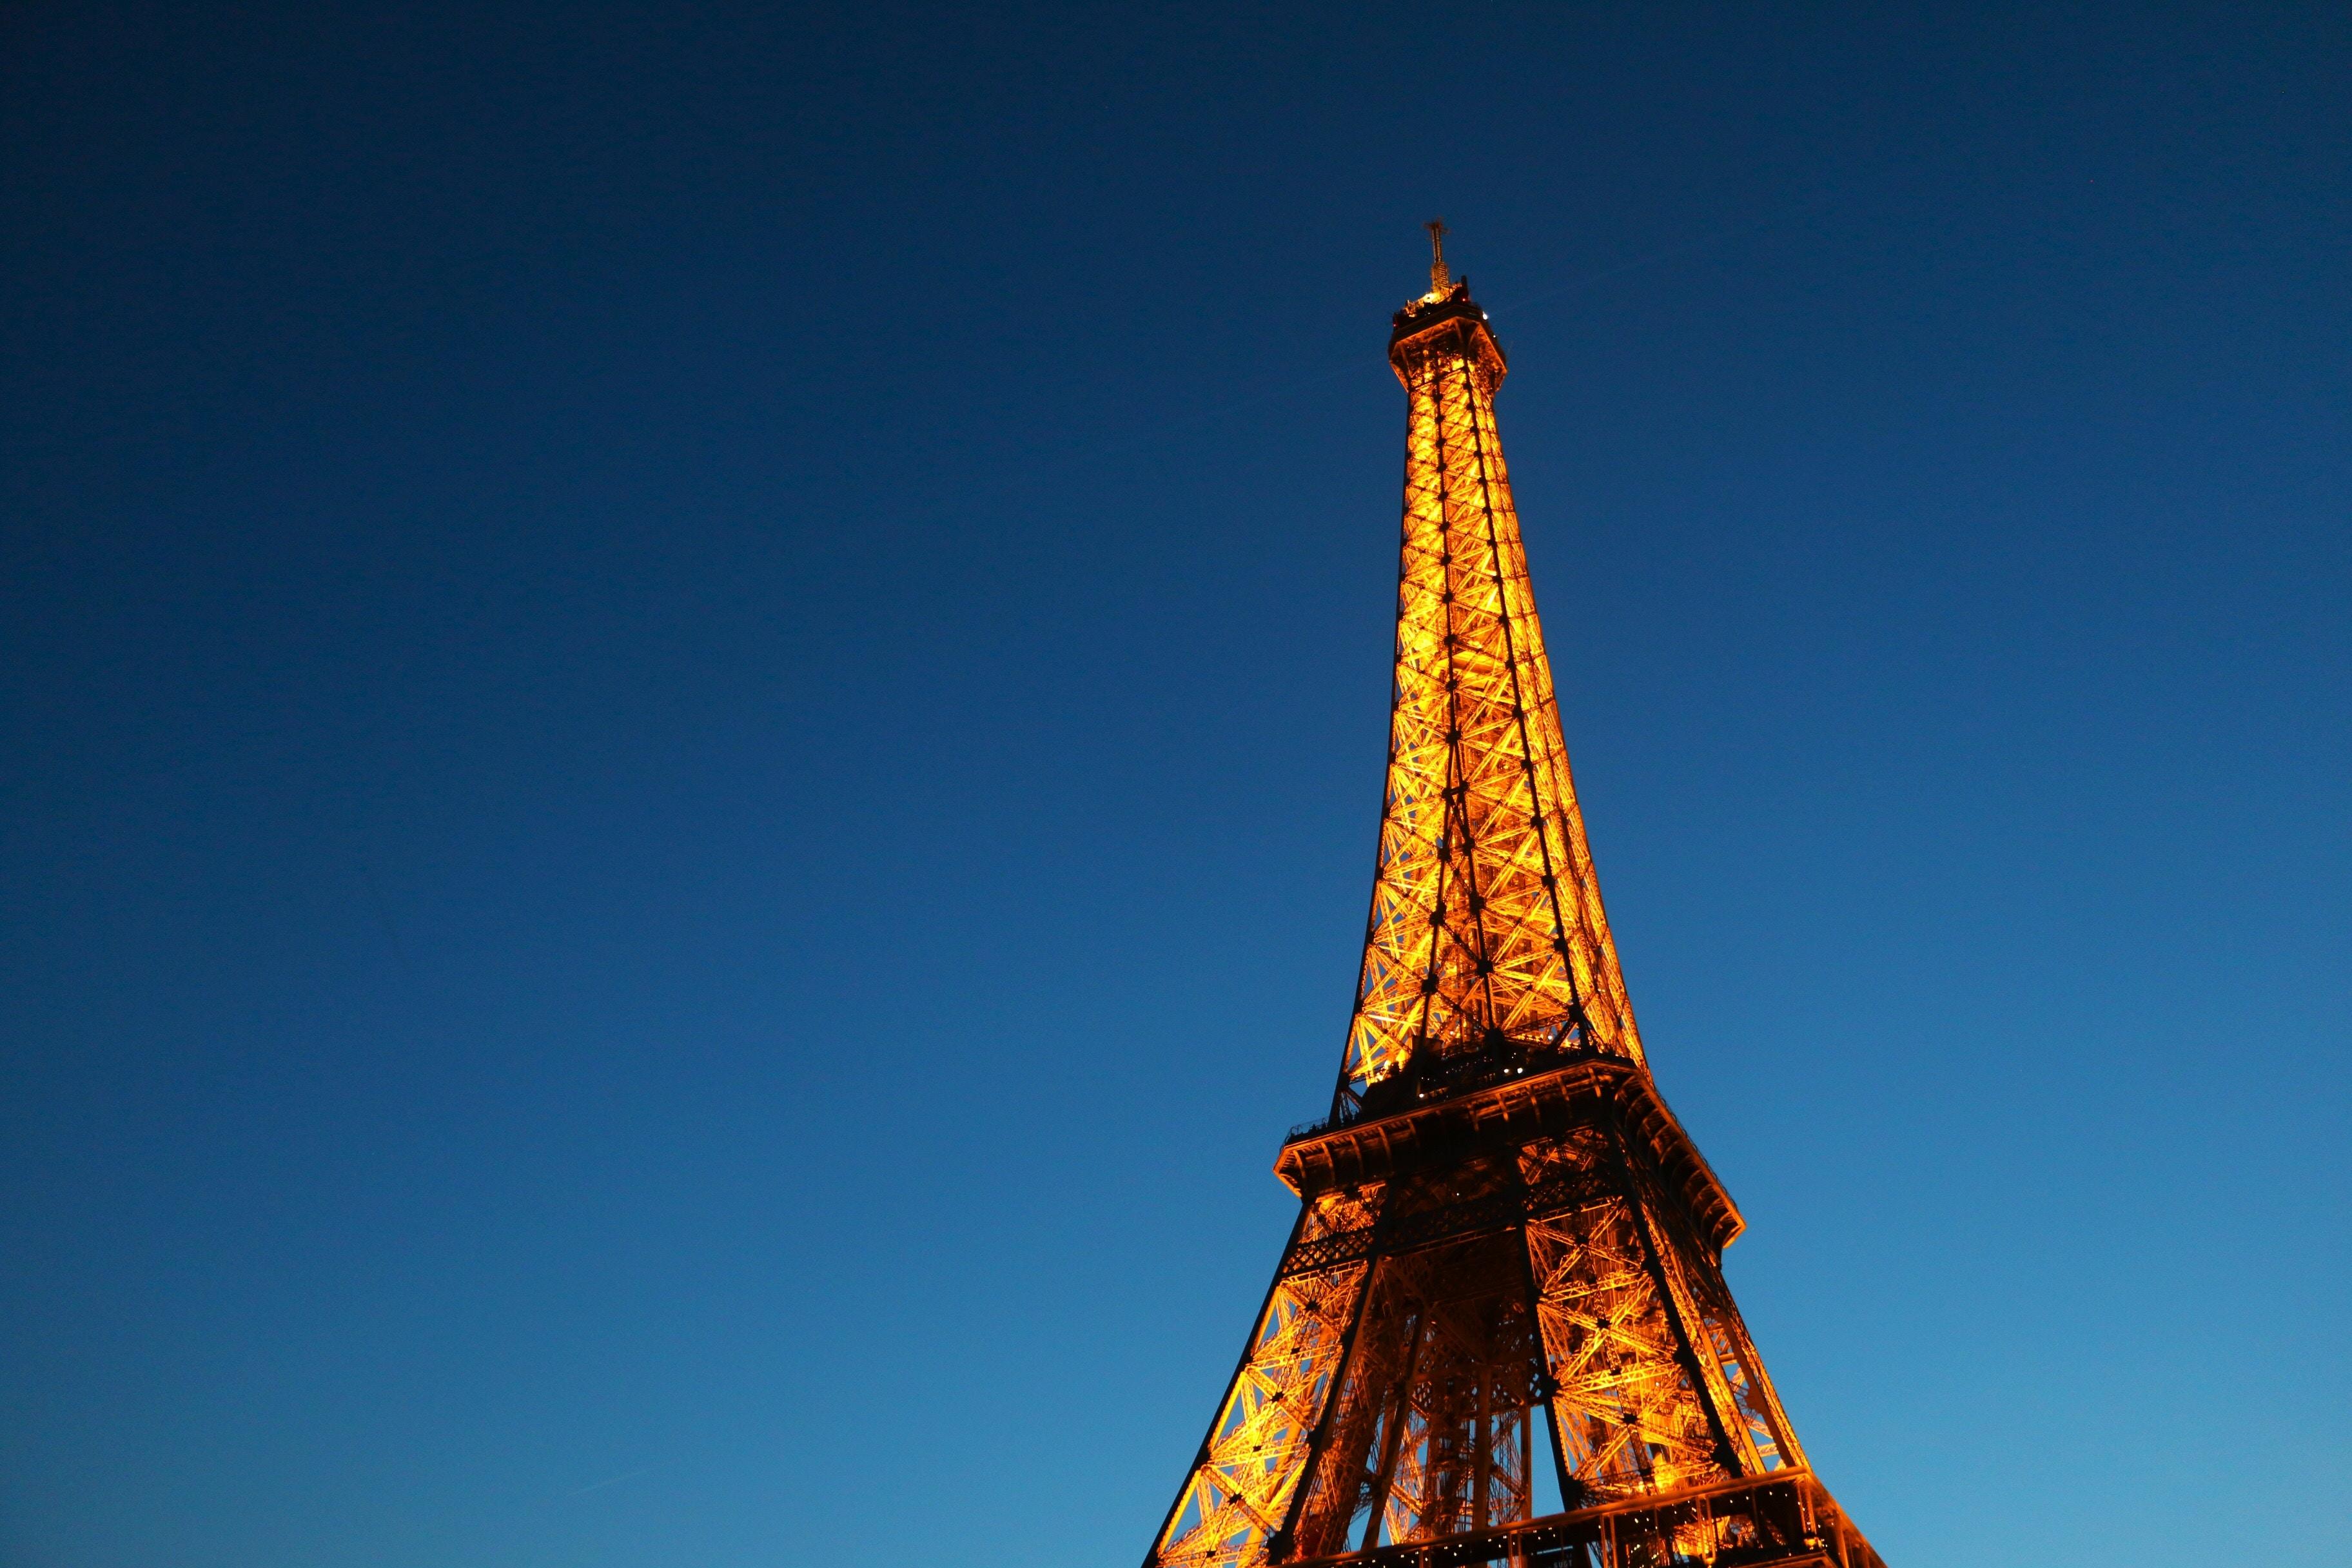 Телефонная башня картинка